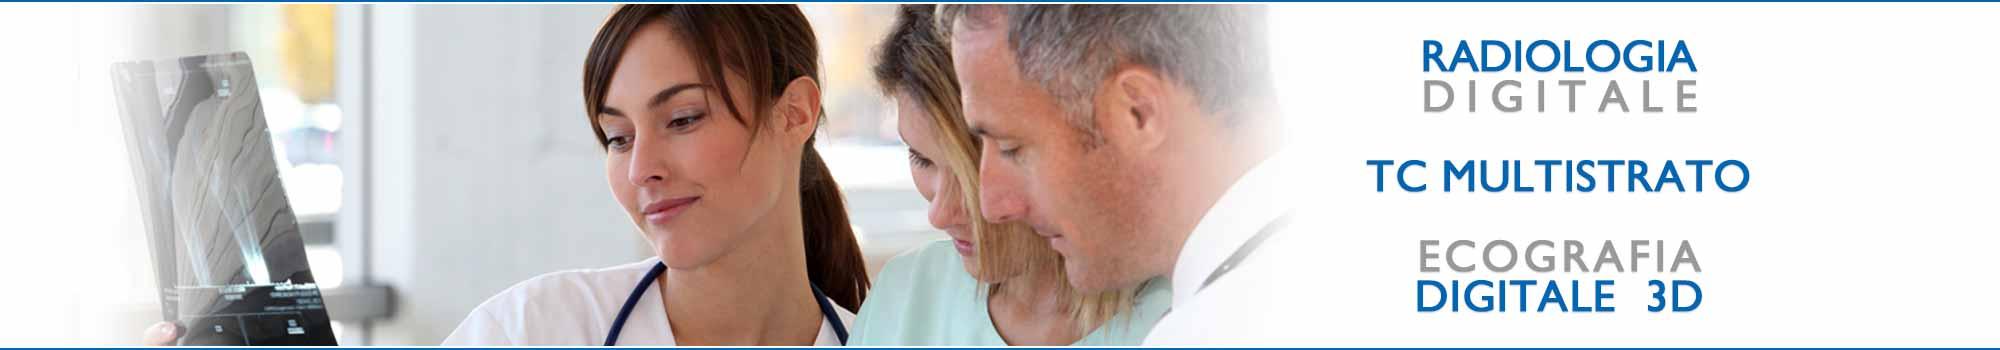 Radiologia - Diagnostica per Immagini Acilia